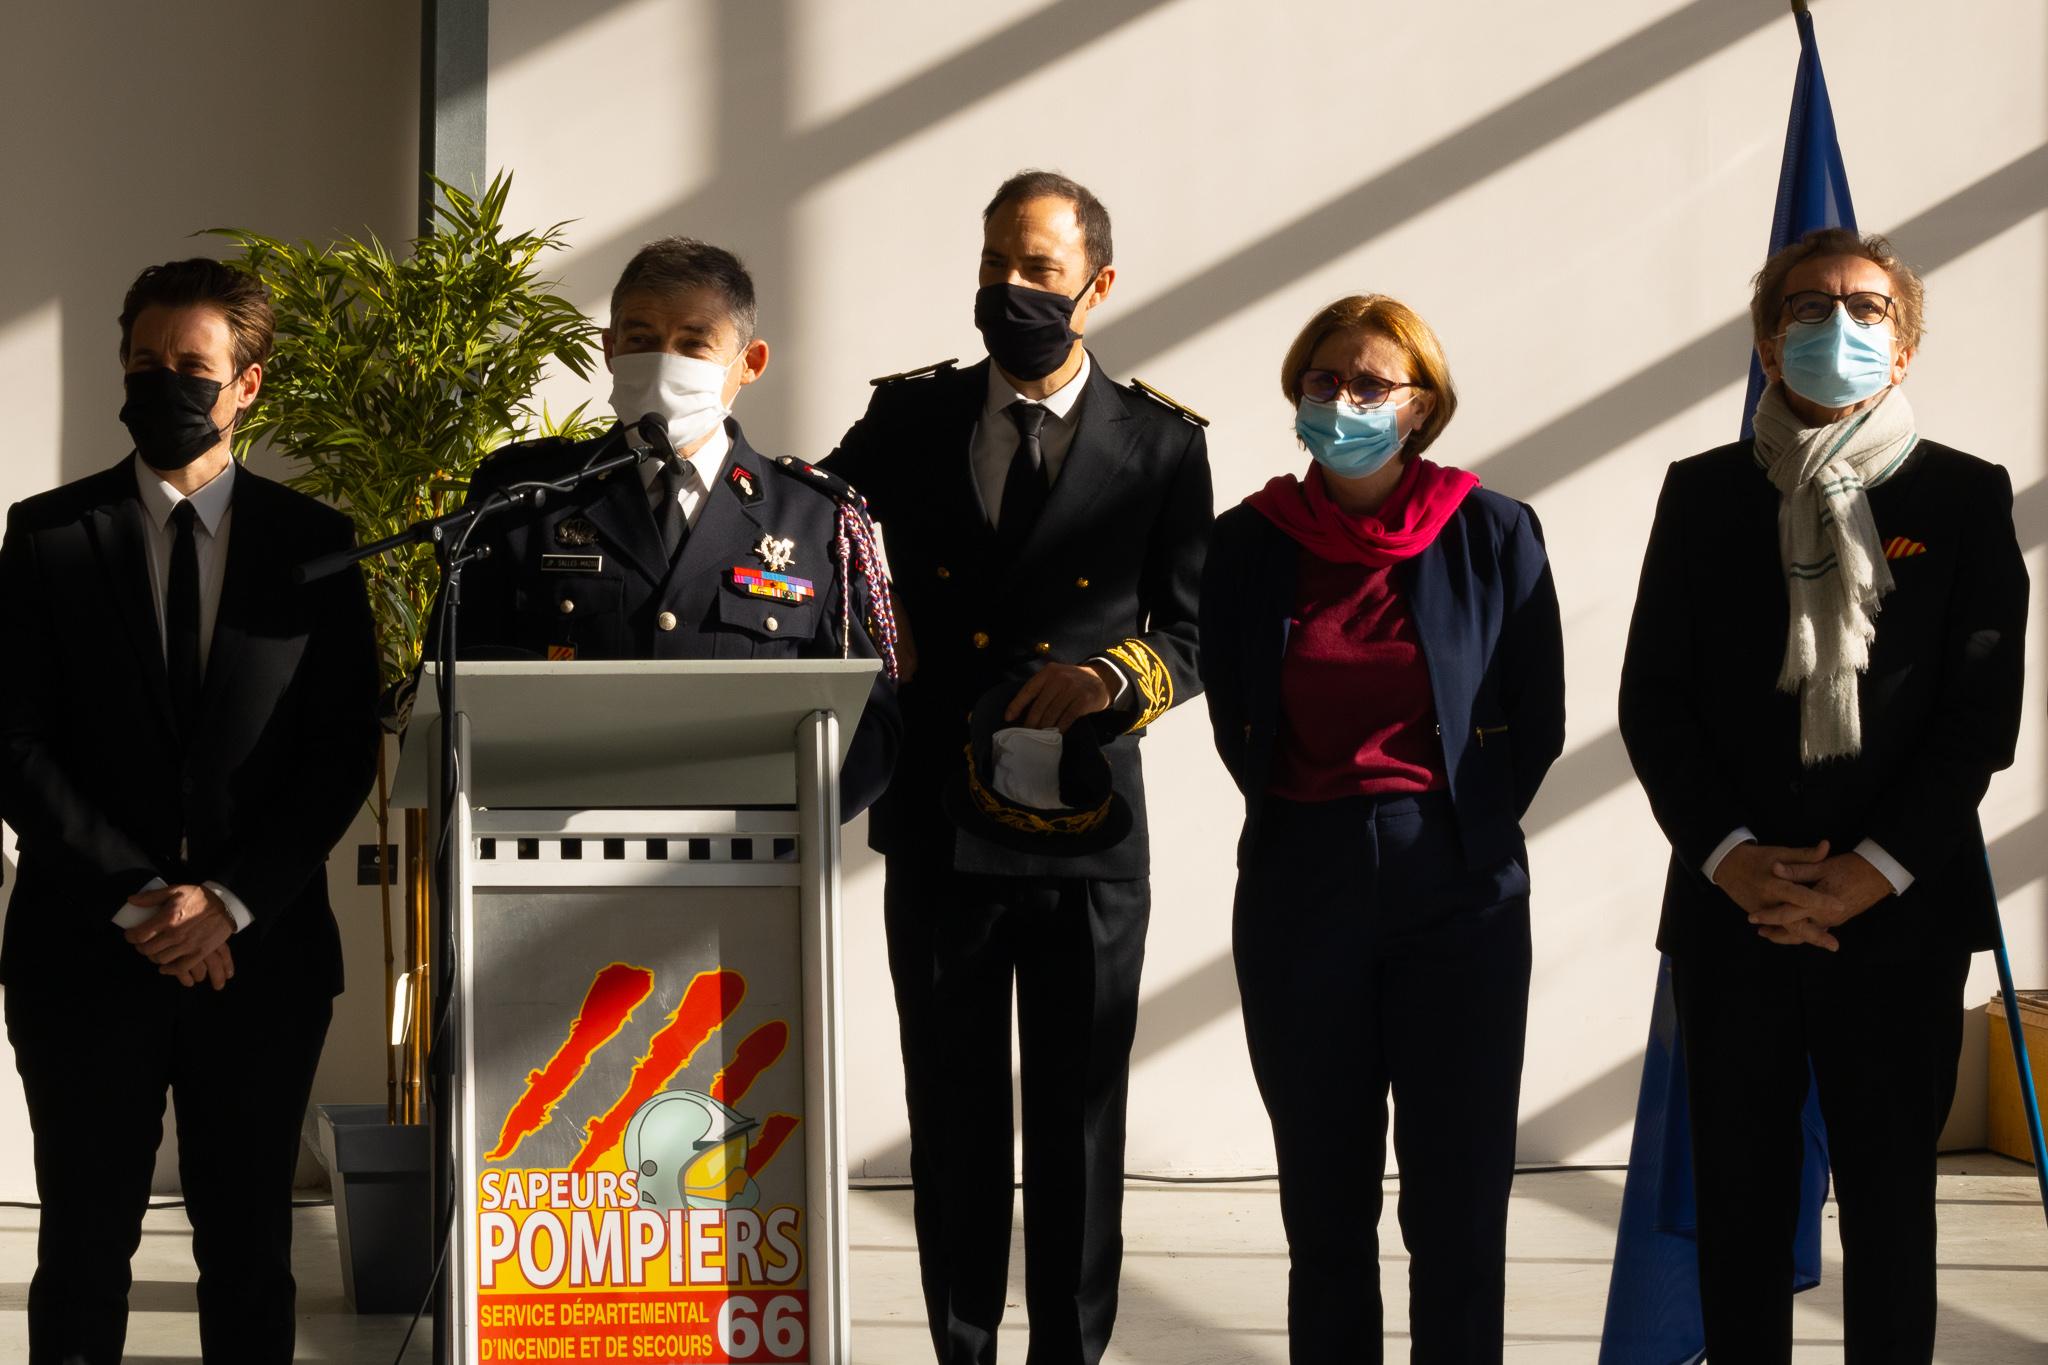 Les élus présents à la cérémonie